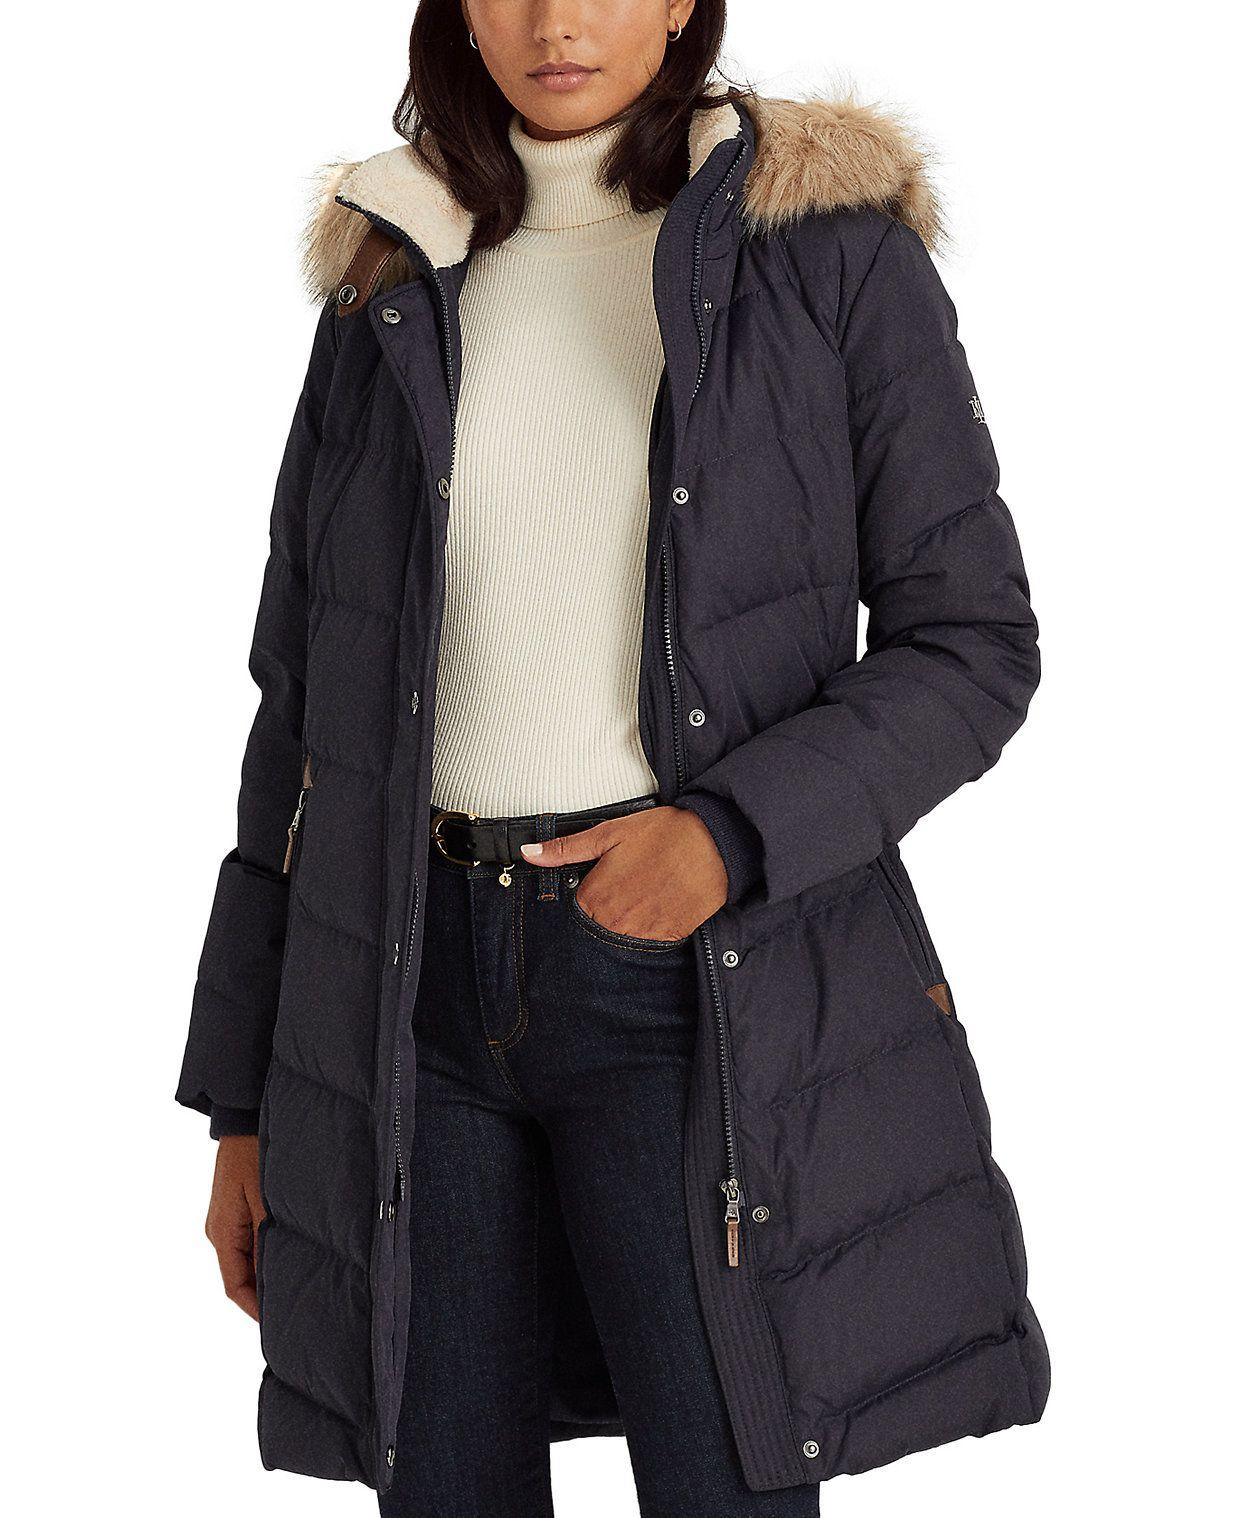 Lauren Ralph Lauren Hooded Down Coat Created For Macy S Reviews Coats Women Macy S In 2021 Coats For Women Down Coat Coat [ 1518 x 1242 Pixel ]